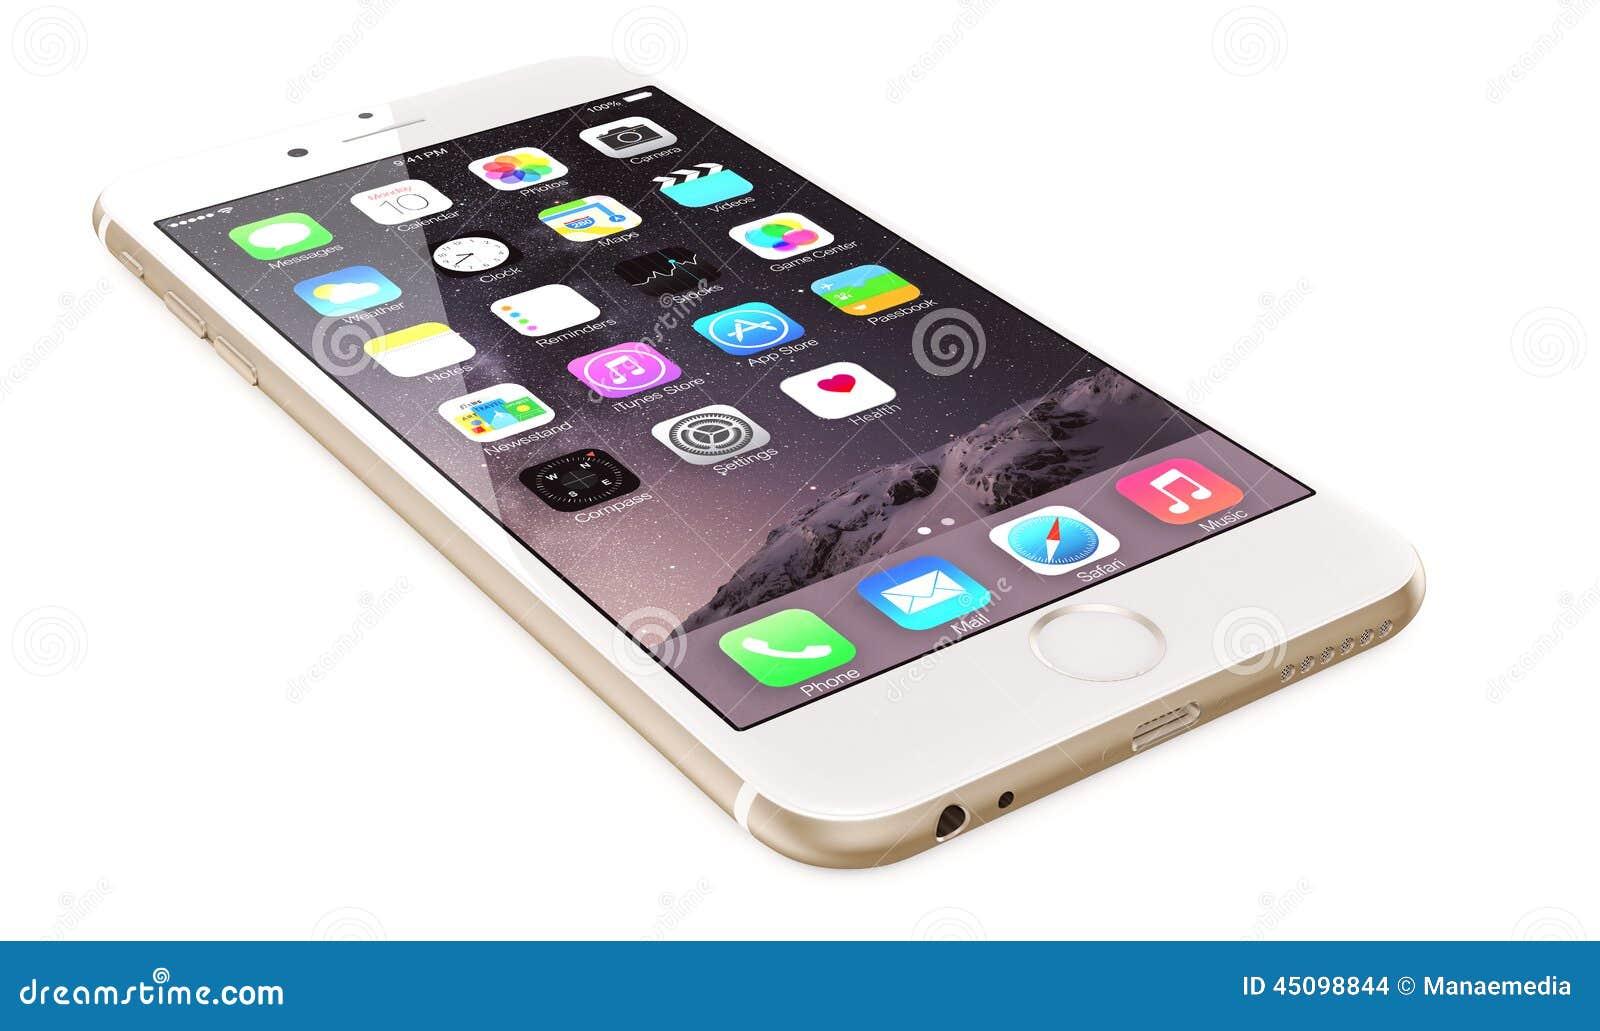 Akku Iphone S Wechseln